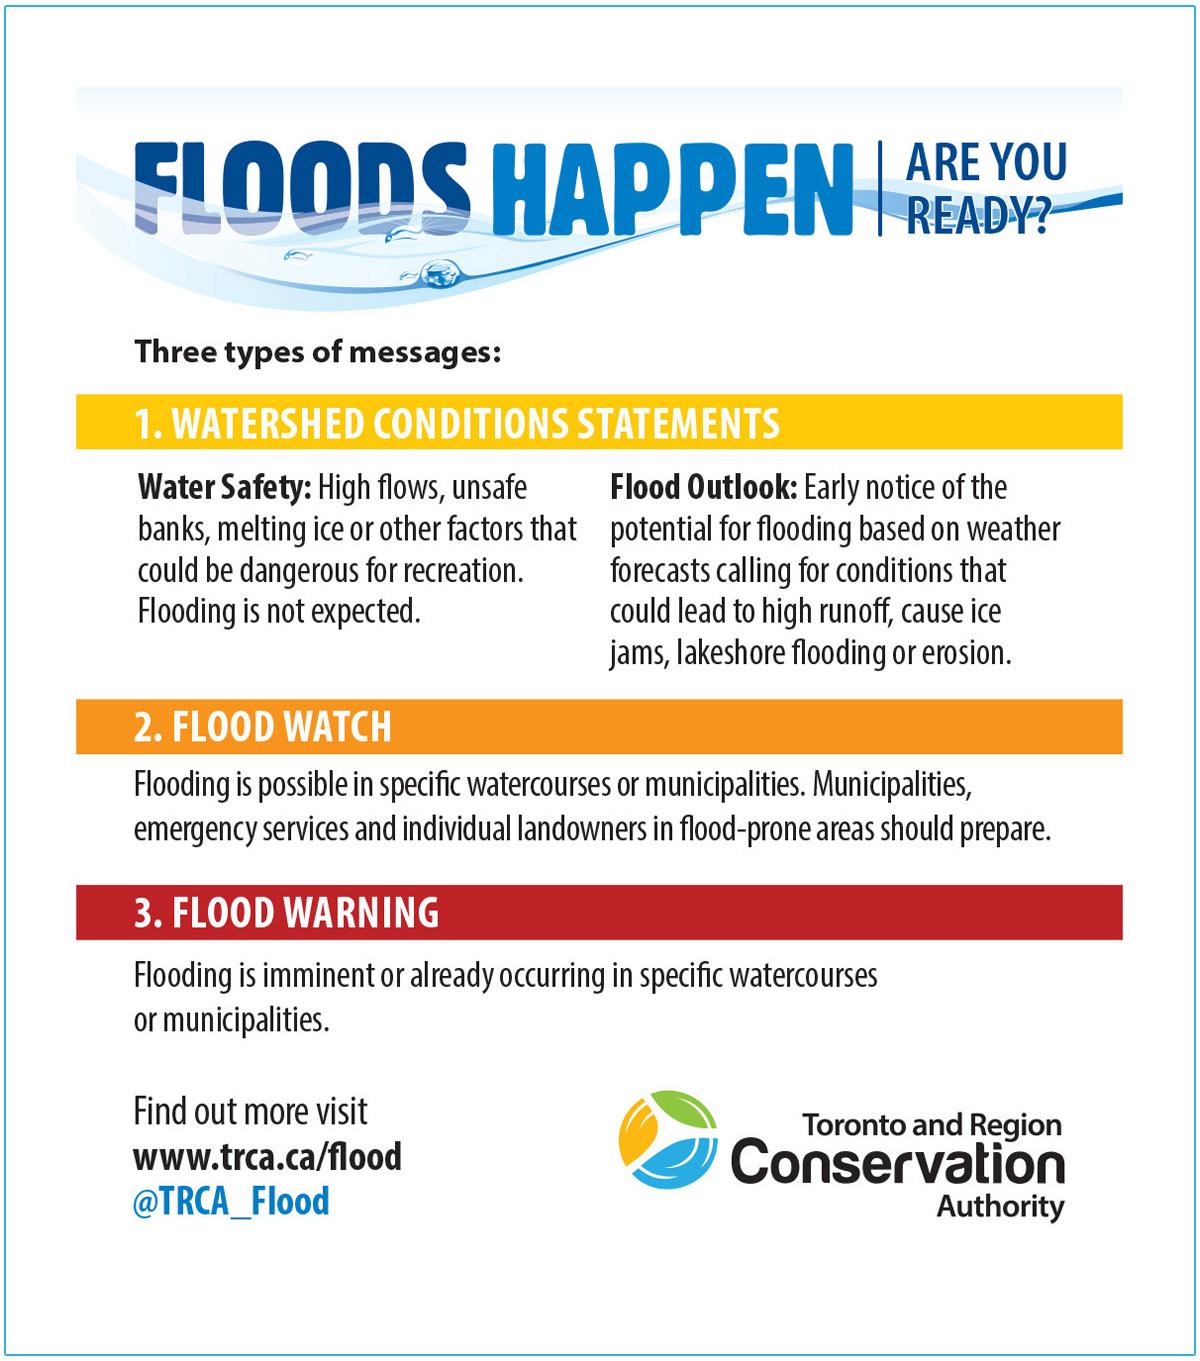 Floods Happen graphics